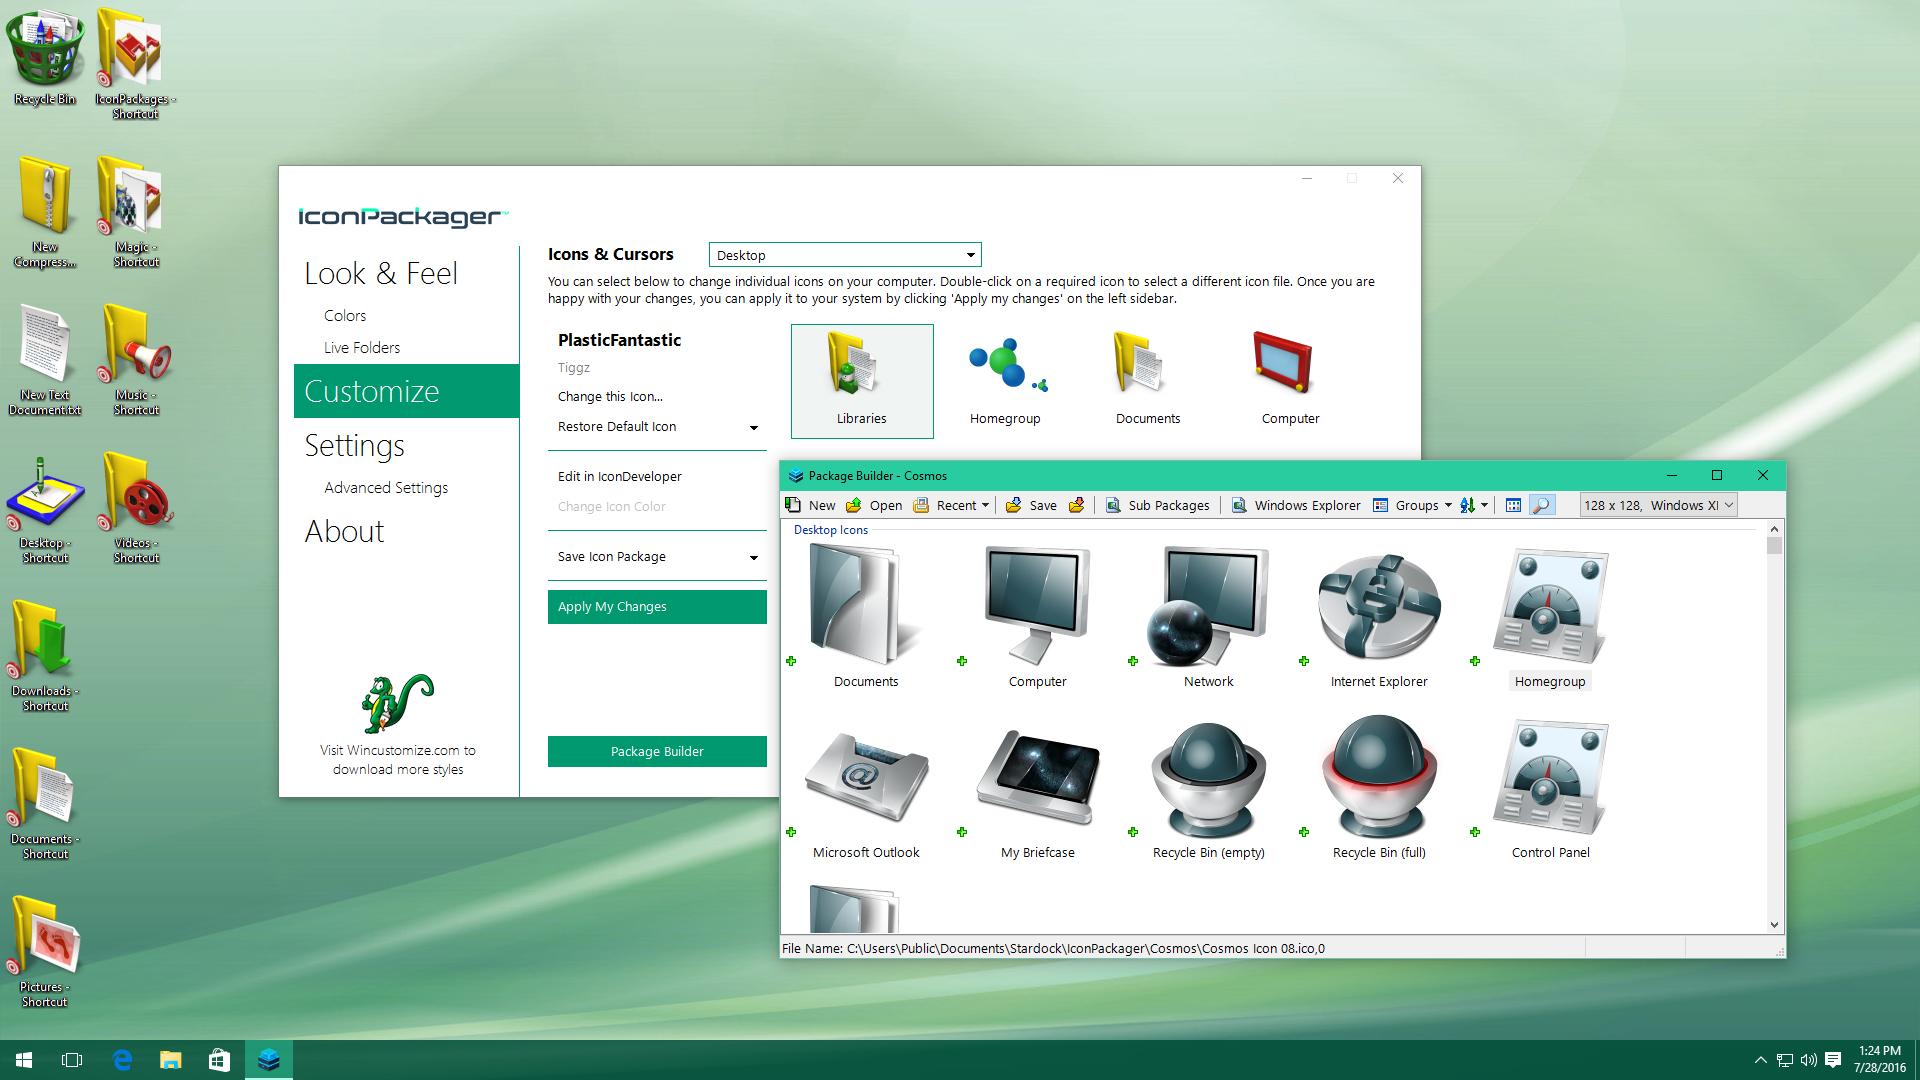 IP10_Screenshot_PackageBuilder.jpg